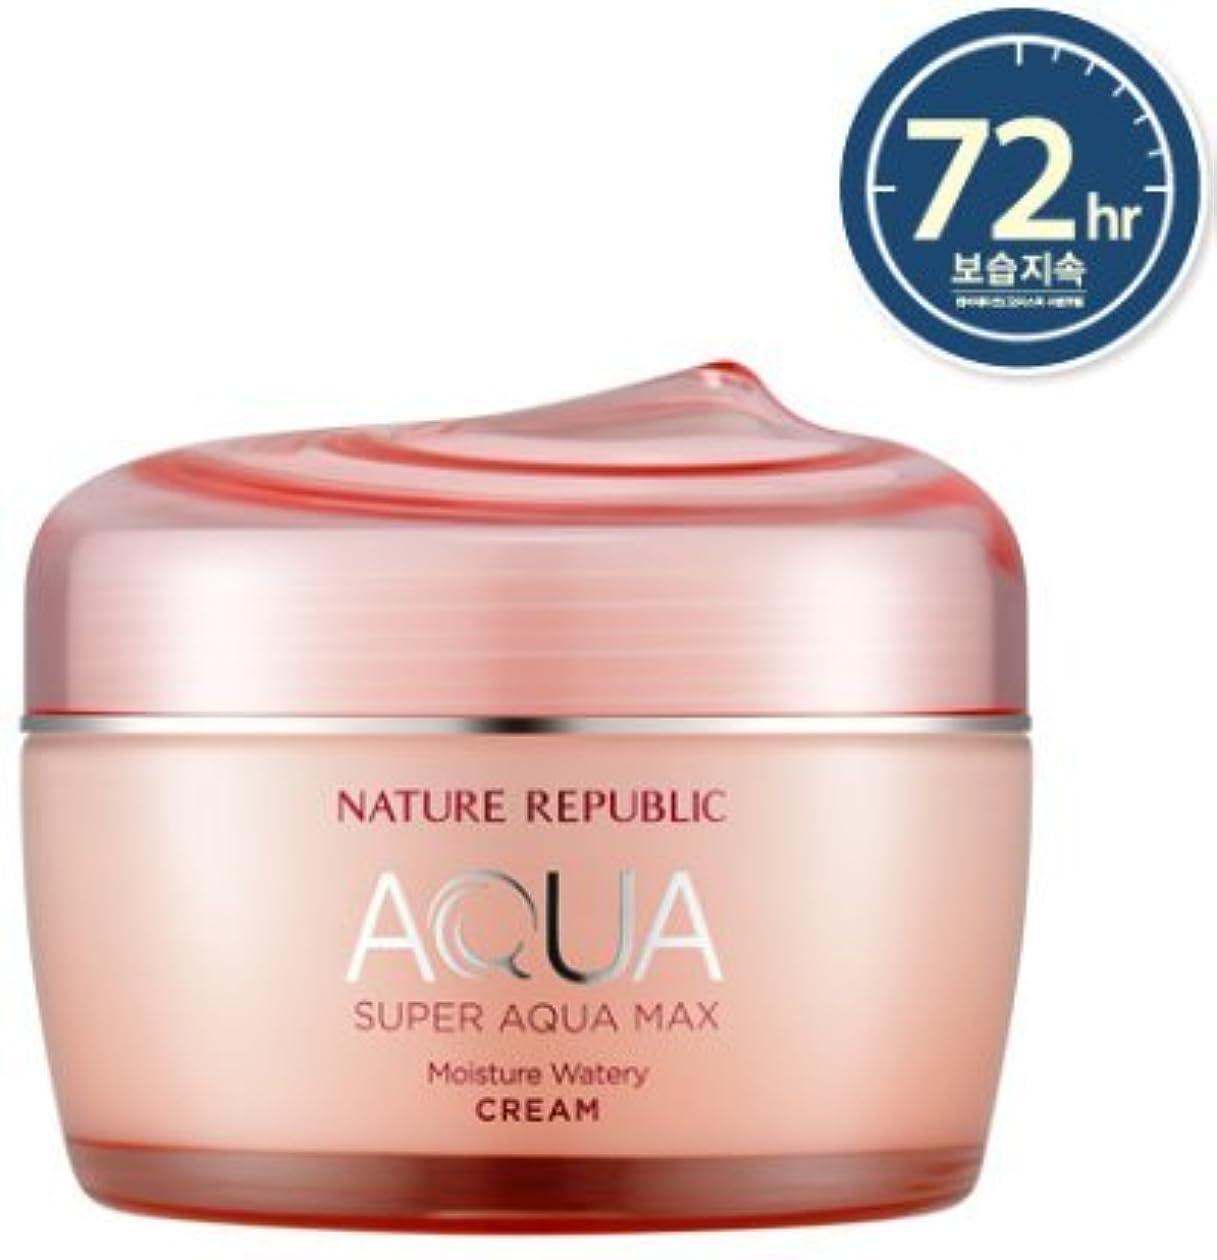 行商人そっとフリース[NATURE REPUBLIC] スーパーアクアマックスモイスチャー水分クリーム / Super Aqua Max Moisture Watery Cream 80ml (乾燥肌用) [並行輸入品]